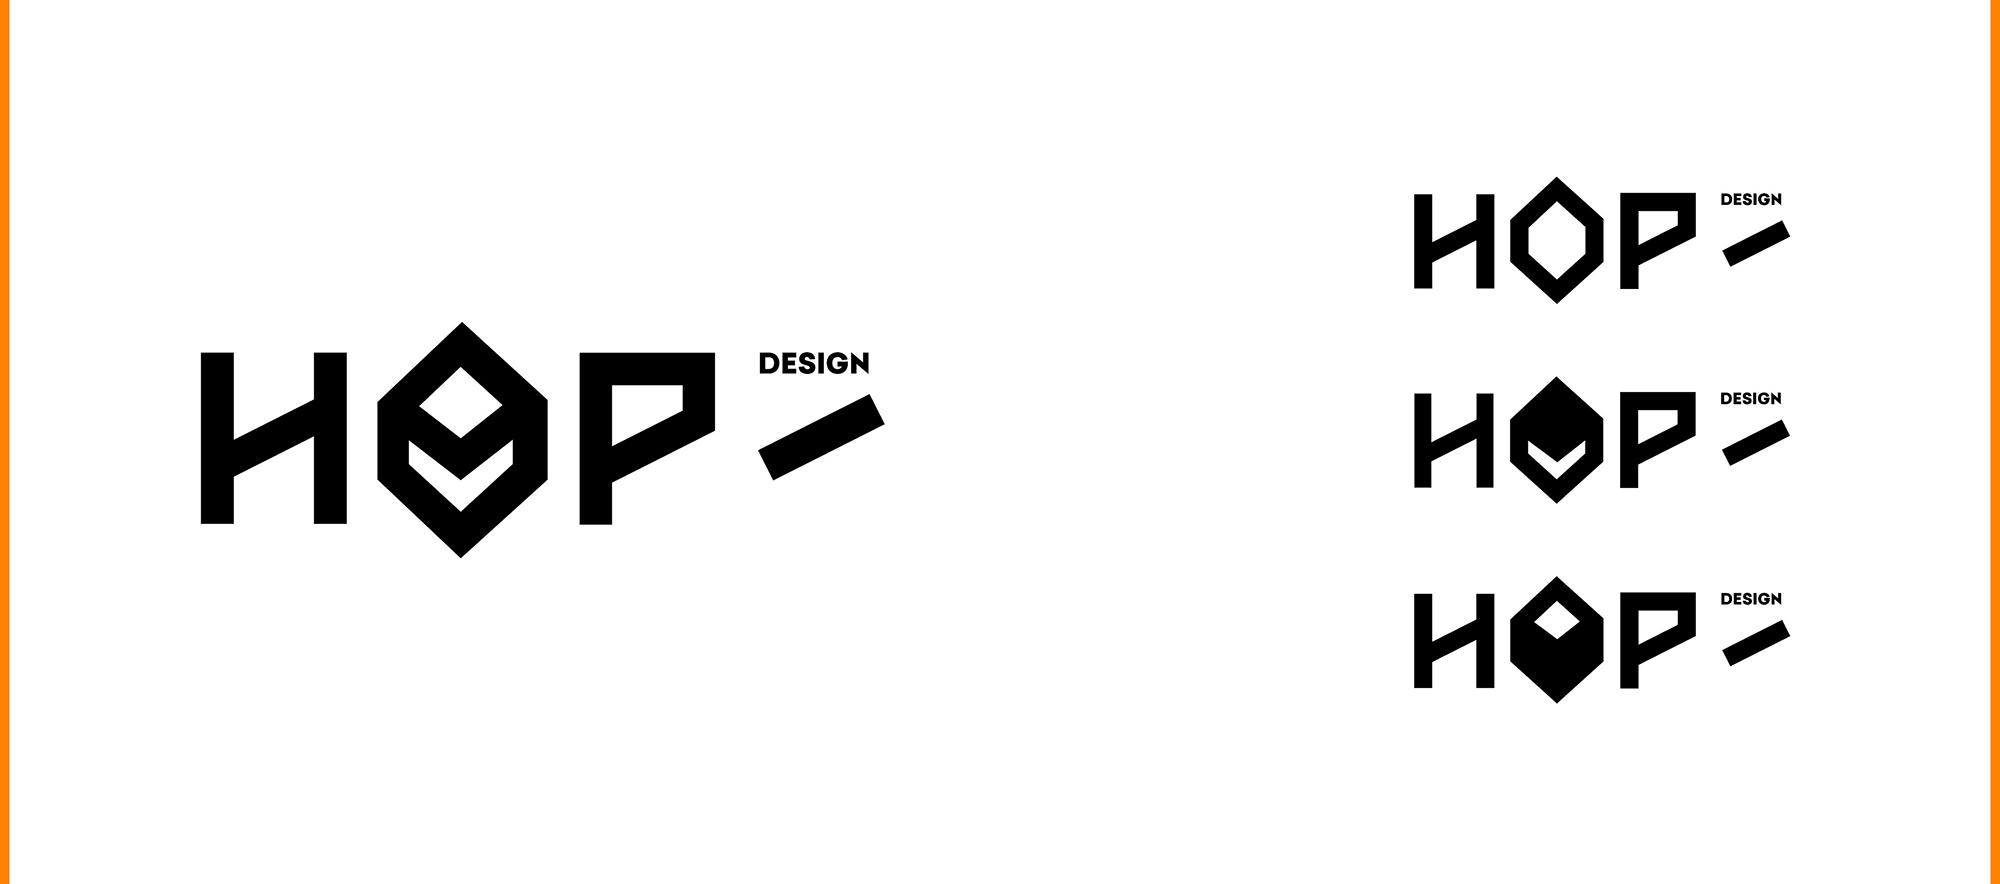 brandbook hop design by nina gregier (2)